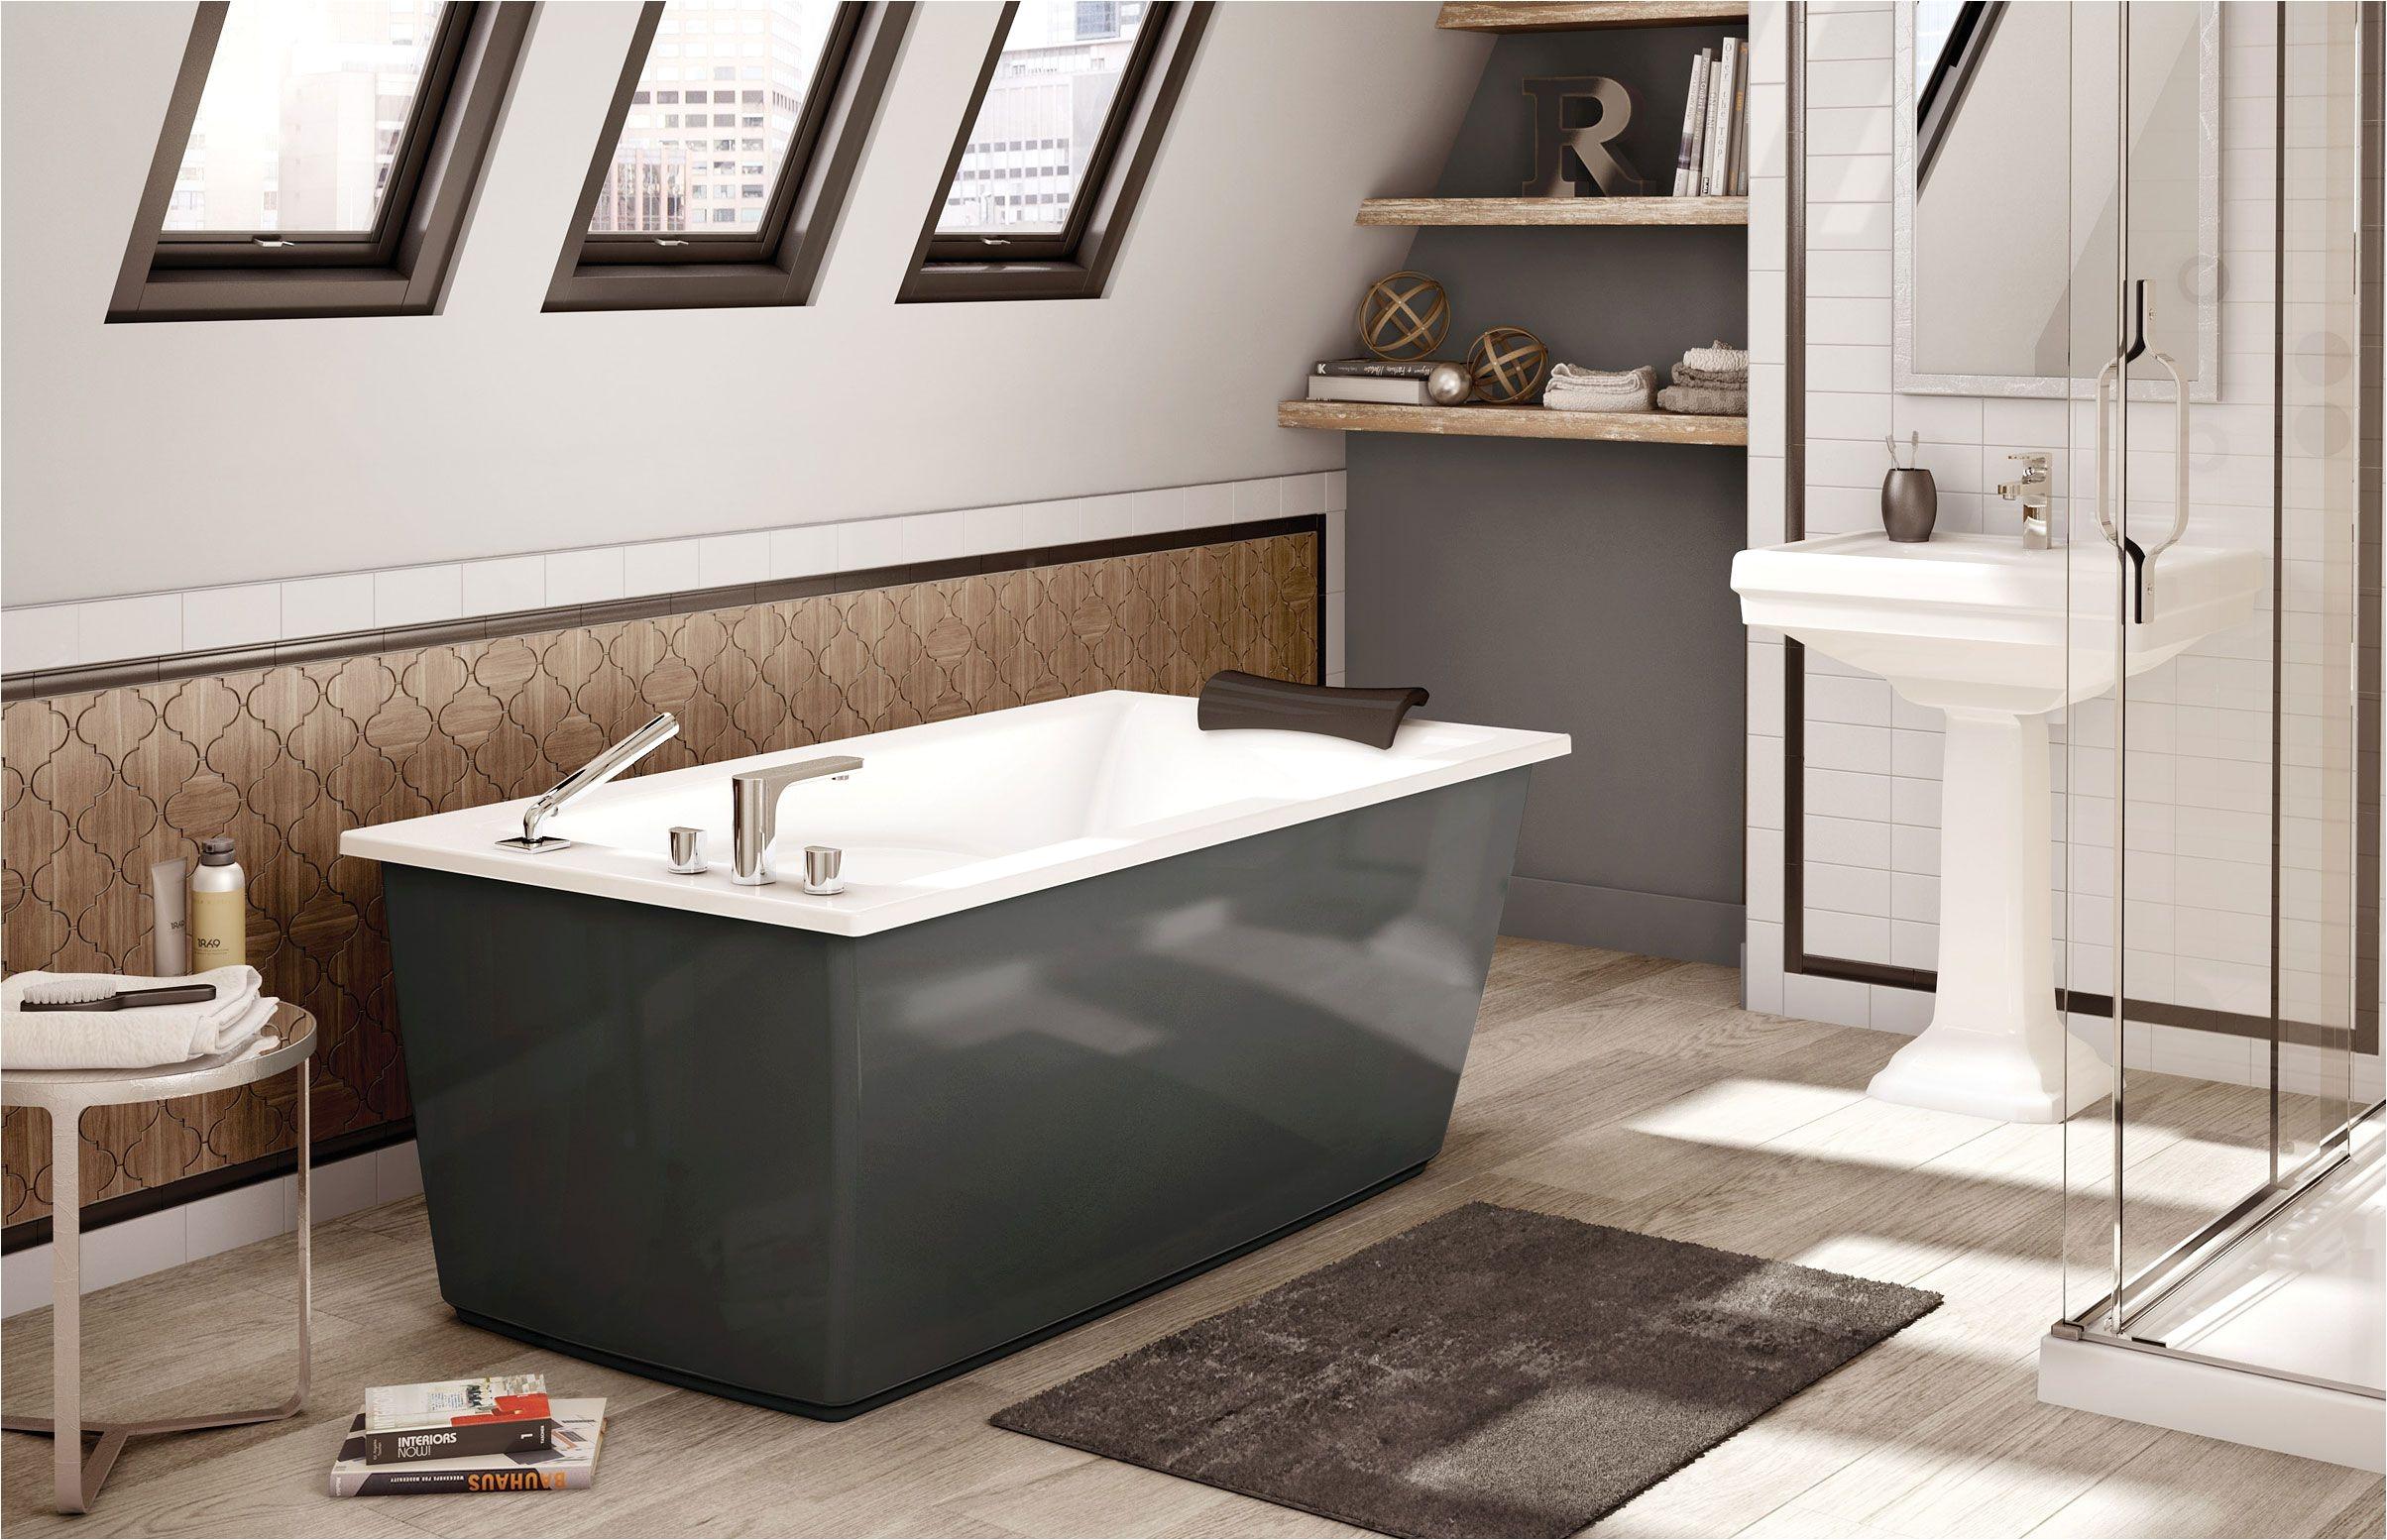 maax optik f 6032 thunder gray freestanding bathtub www maax com